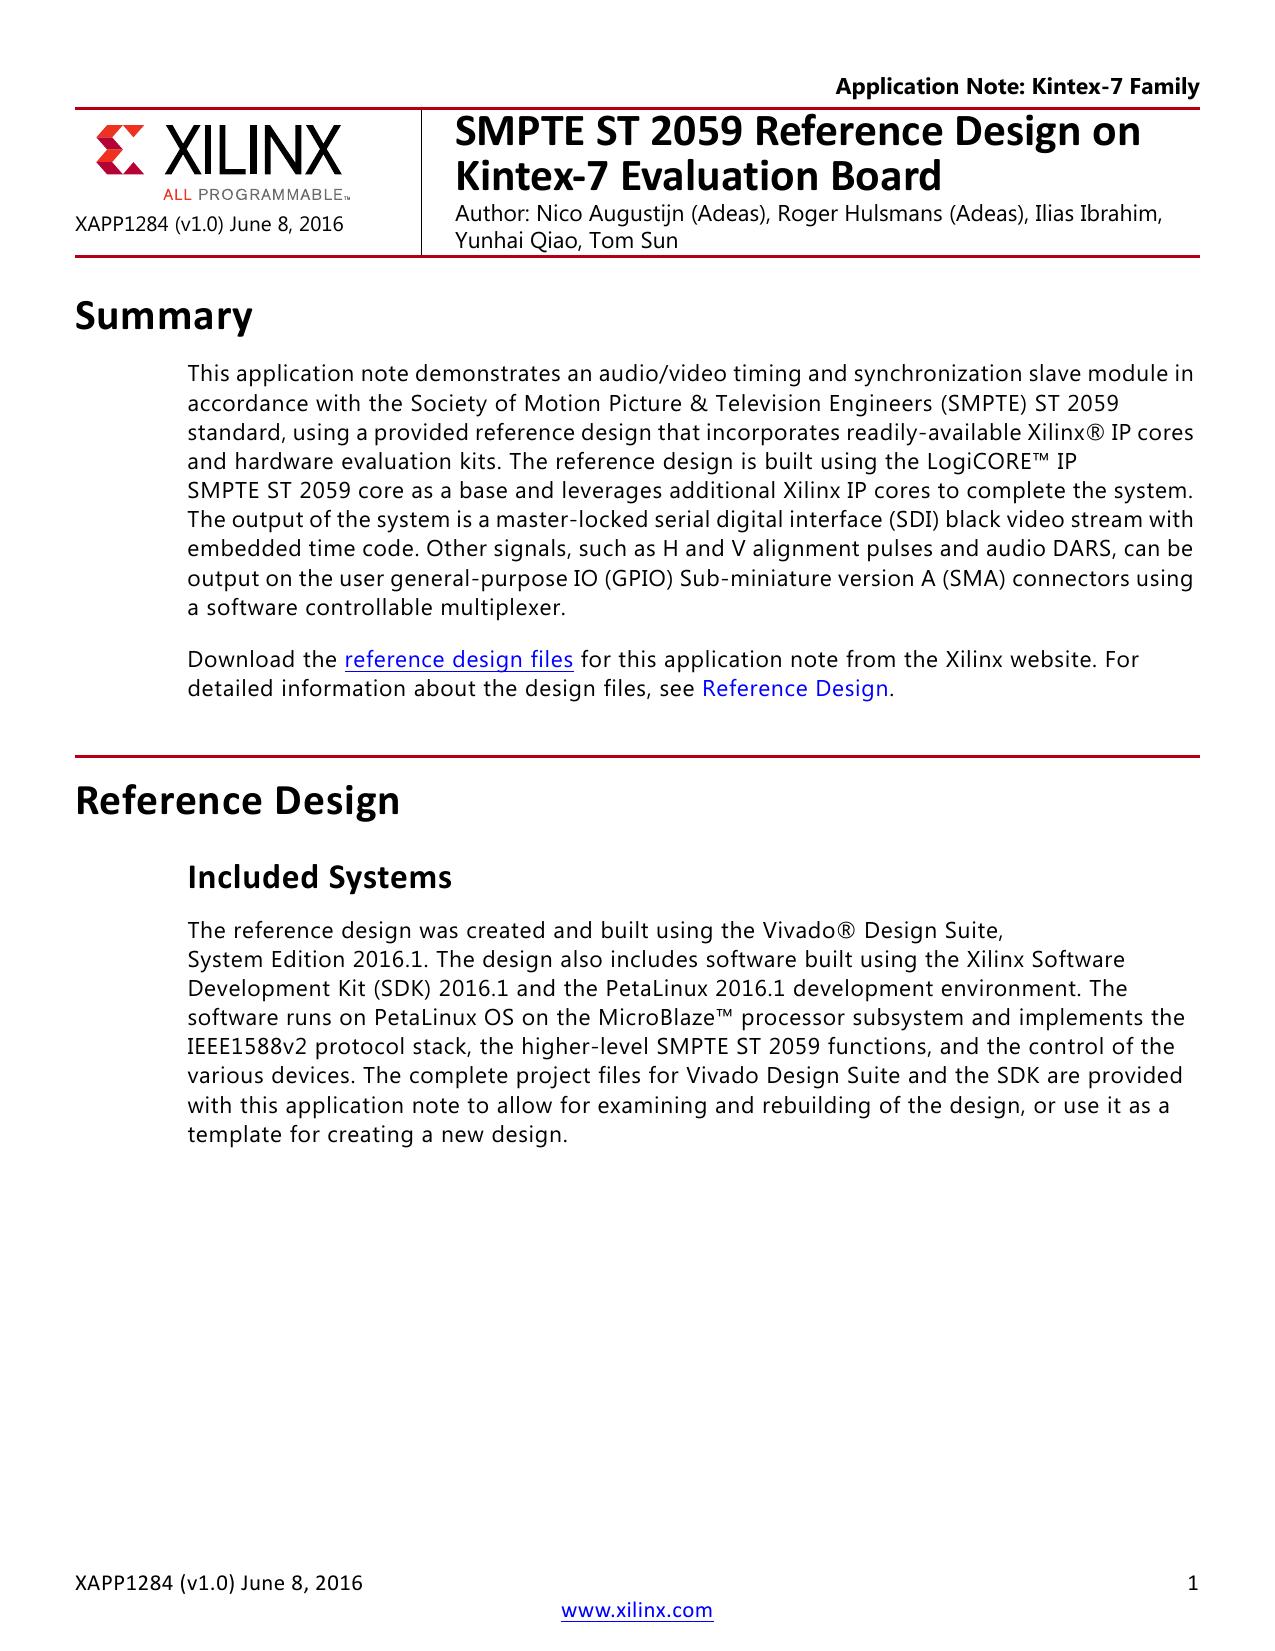 SMPTE ST 2059 Reference Design on Kintex-7 Evaluation